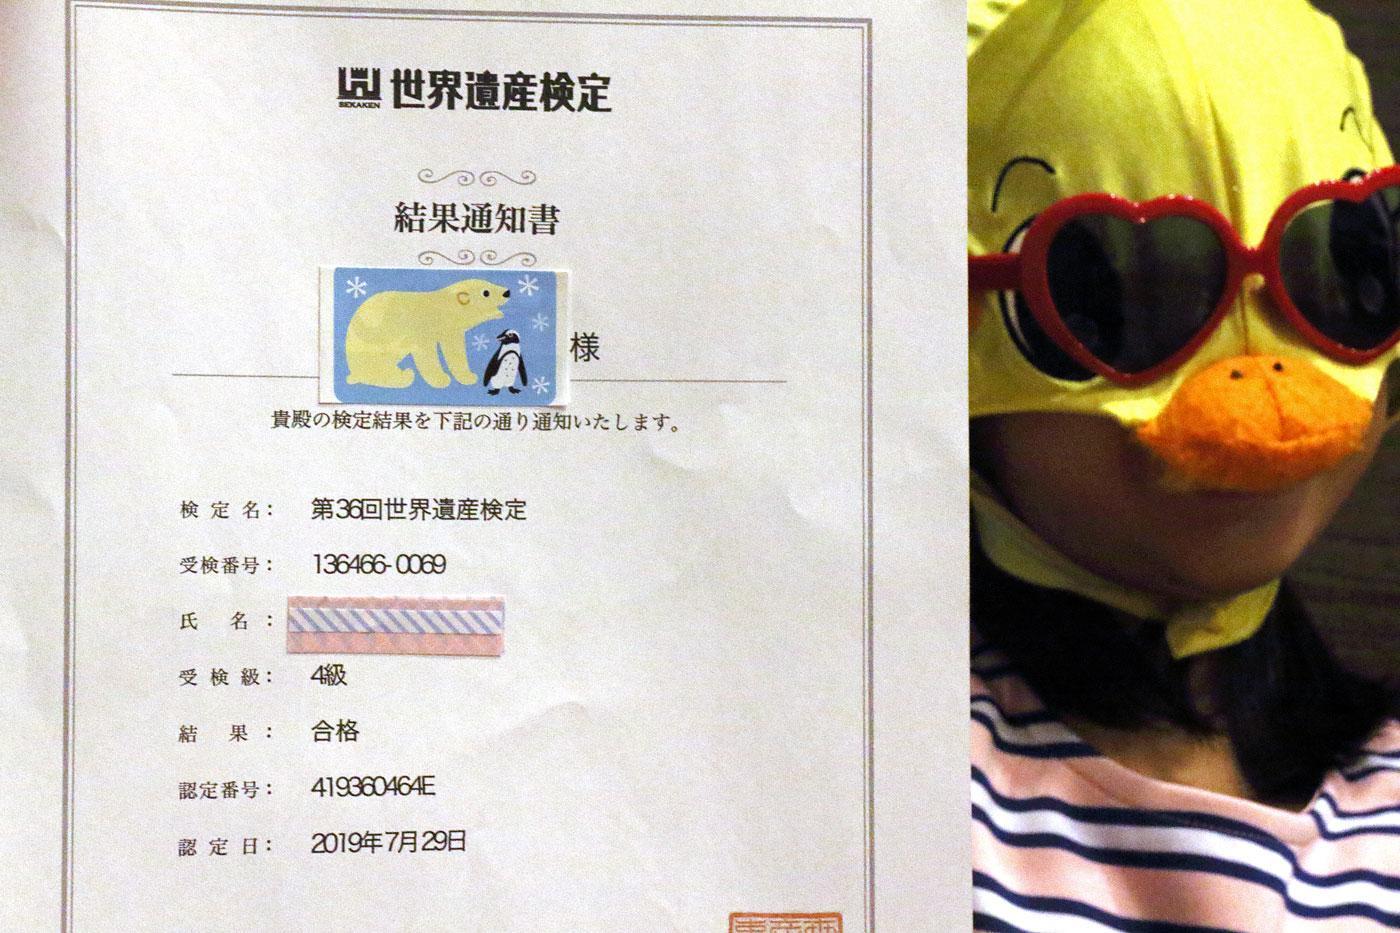 6歳で世界遺産検定4級挑戦![11] 運命の試験結果発表の日!結果速報、合格イェーイ!